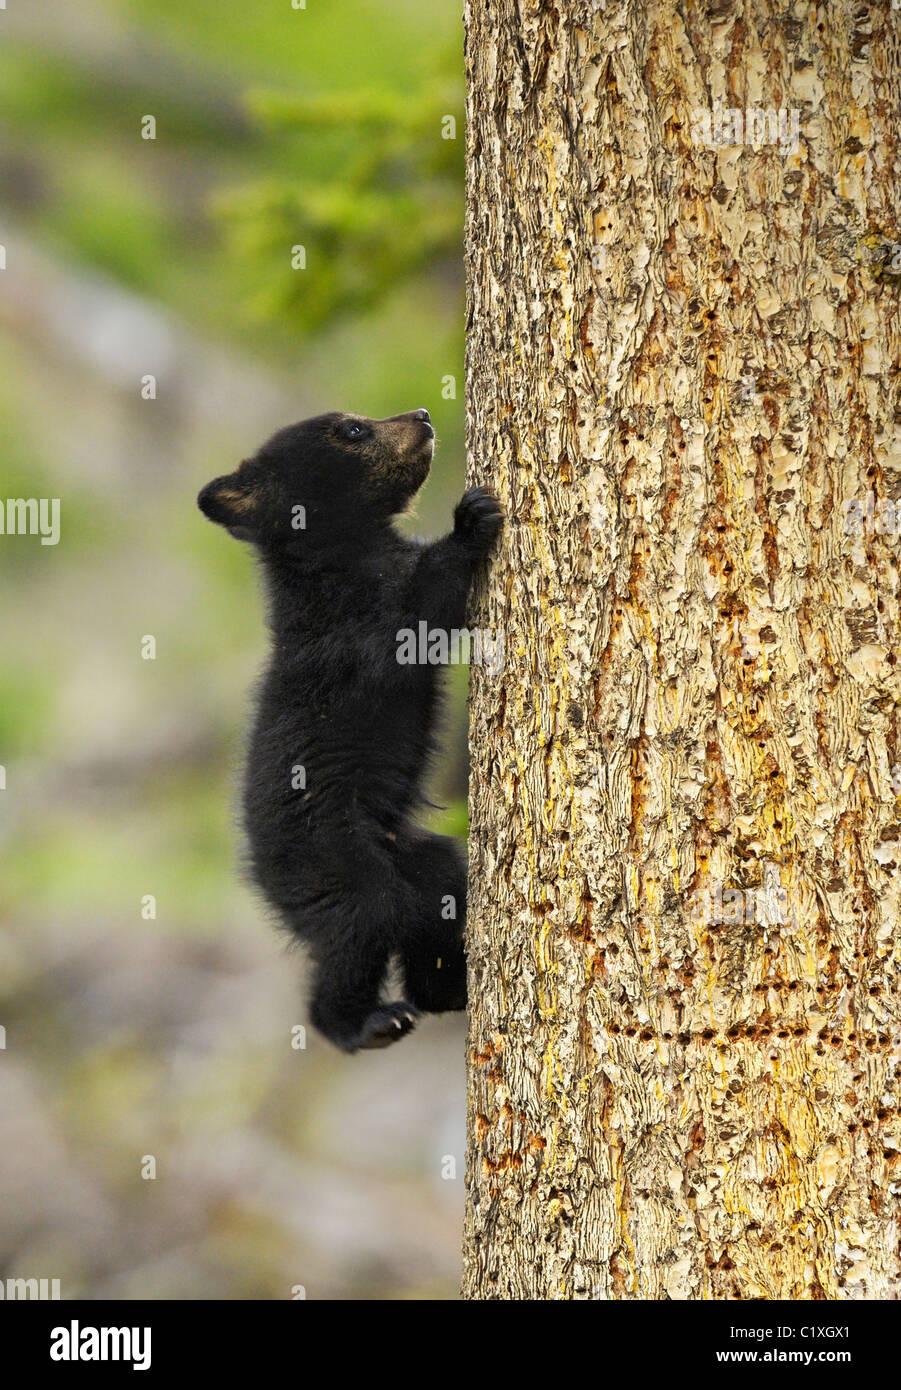 Baby black bear climbing a tree - Stock Image